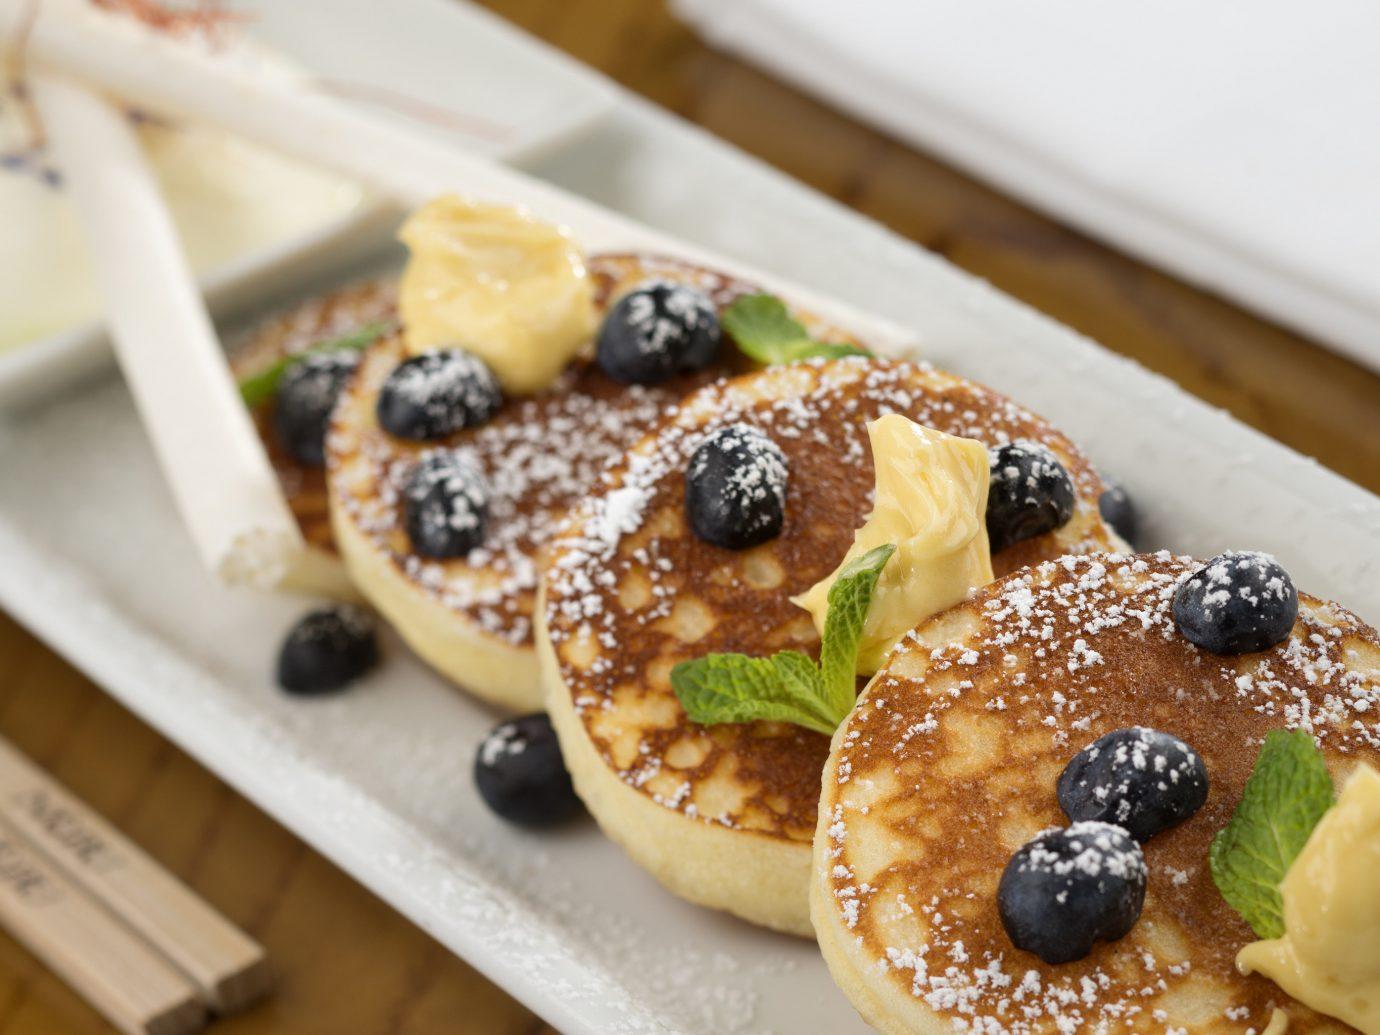 Food + Drink dish meal food breakfast pancake brunch dessert slice sliced